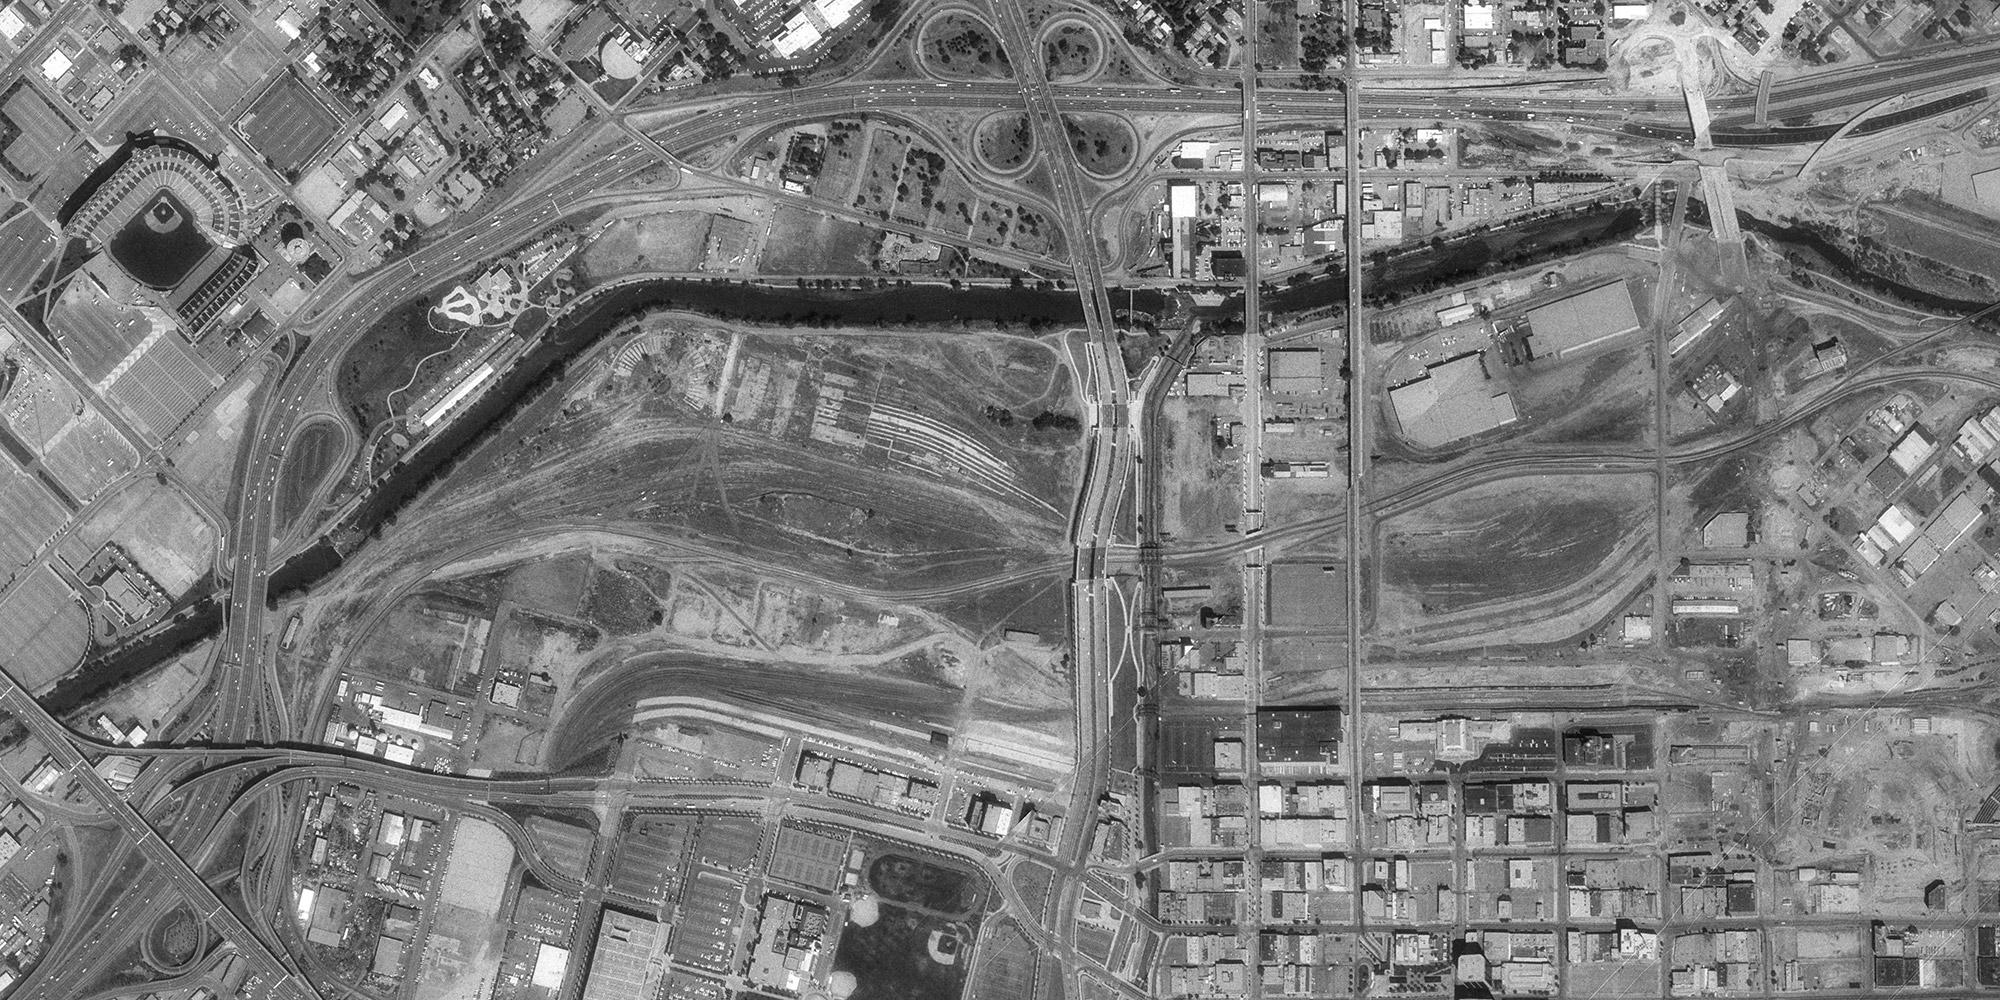 Aerial image of Denver's Central Platte Valley in 1992